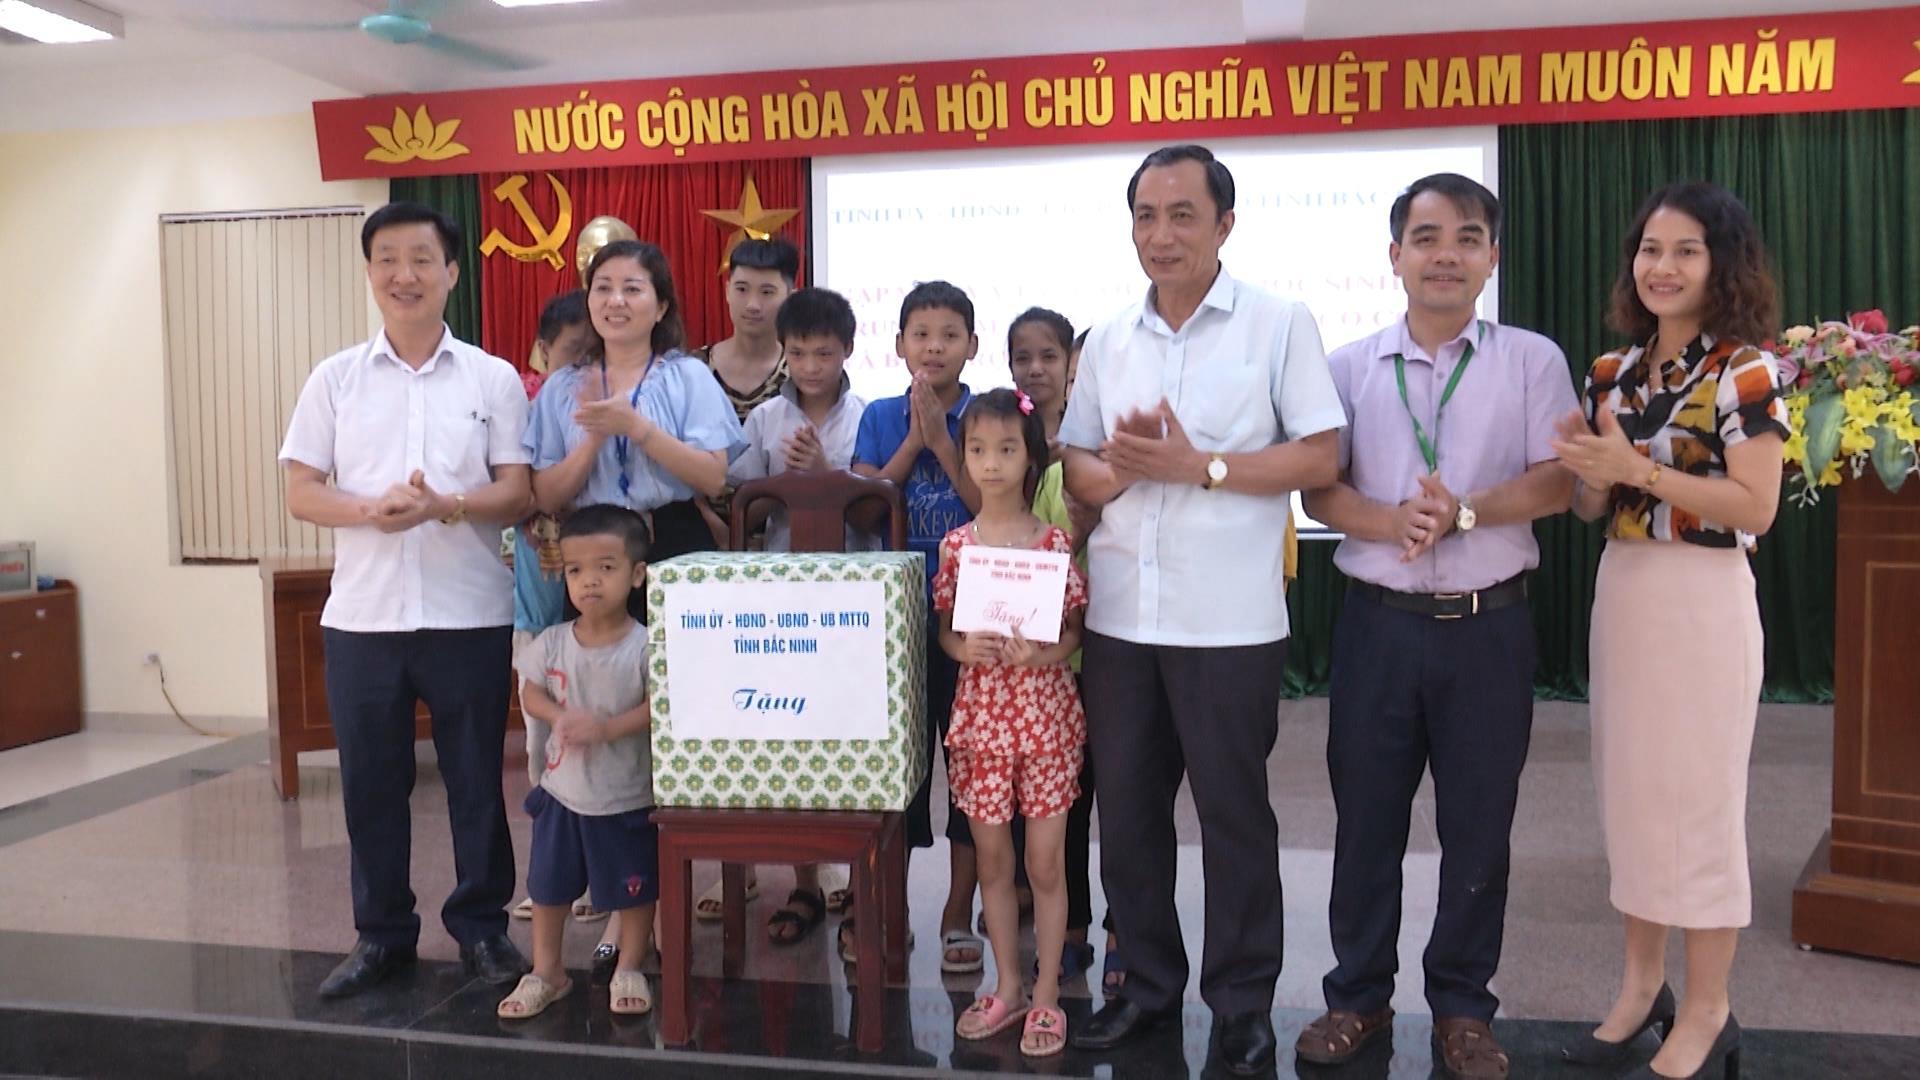 Lãnh đạo tỉnh thăm và tặng quà Trung tâm nuôi dưỡng Người có công và Bảo trợ xã hội tỉnh, Trung tâm Cứu trợ trẻ em Thuận Thành